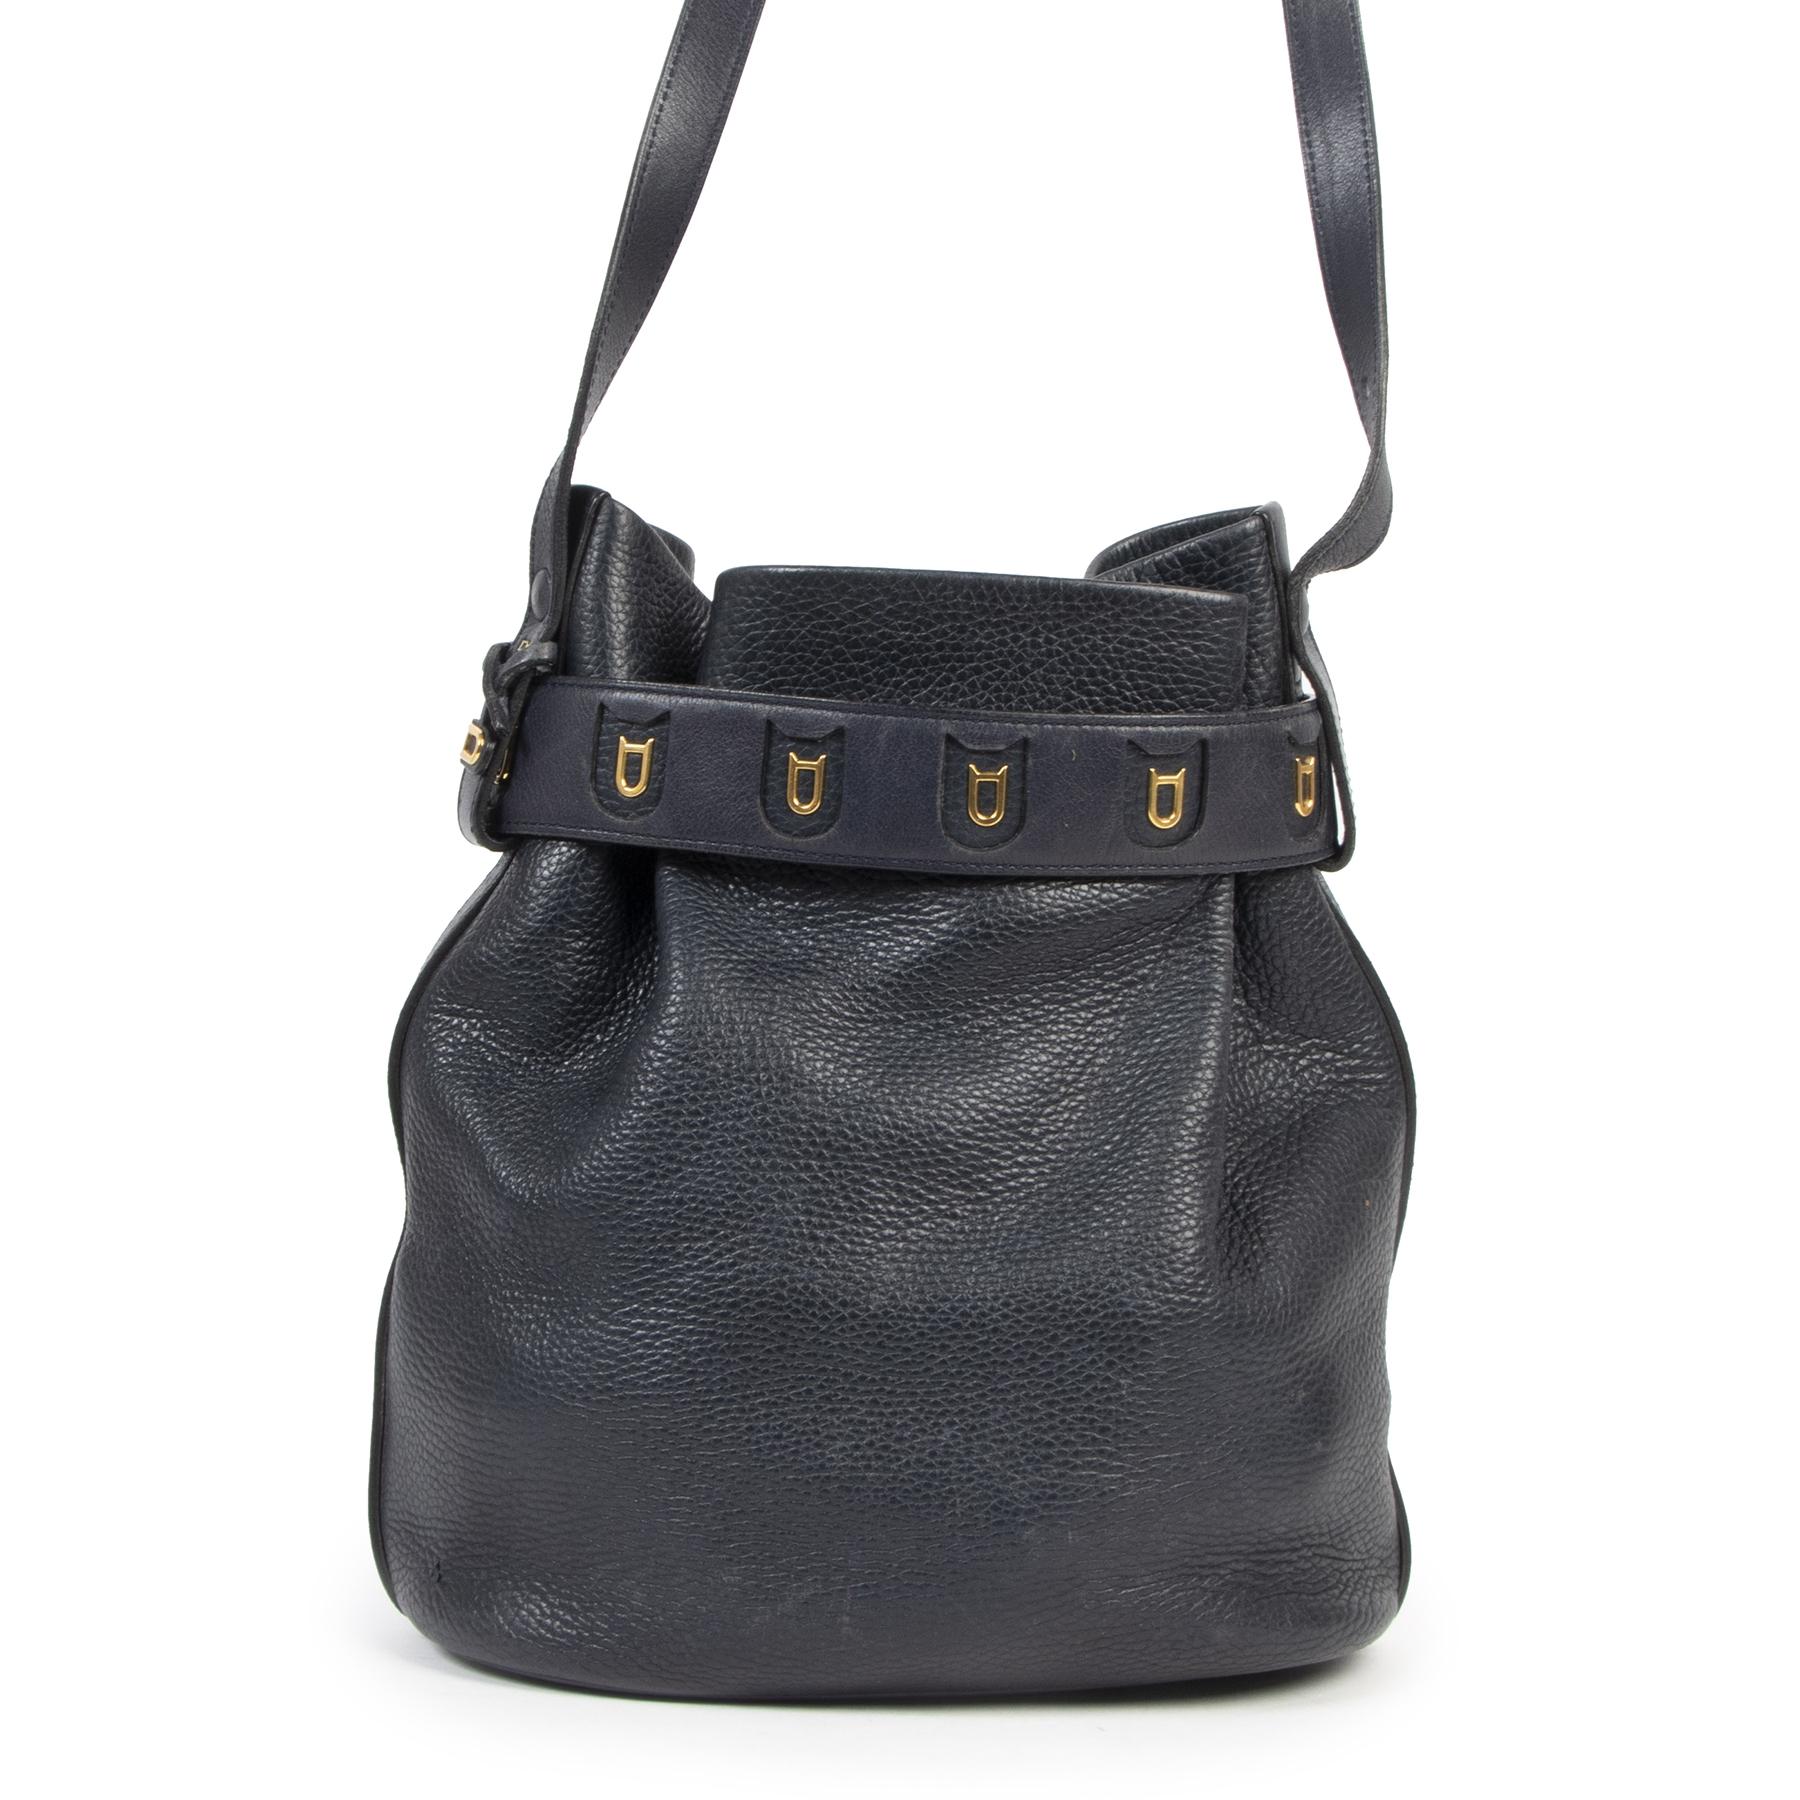 Authentieke Tweedehands Delvaux Dark Blue Leather Bucket Bag juiste prijs veilig online shoppen luxe merken webshop winkelen Antwerpen België mode fashion